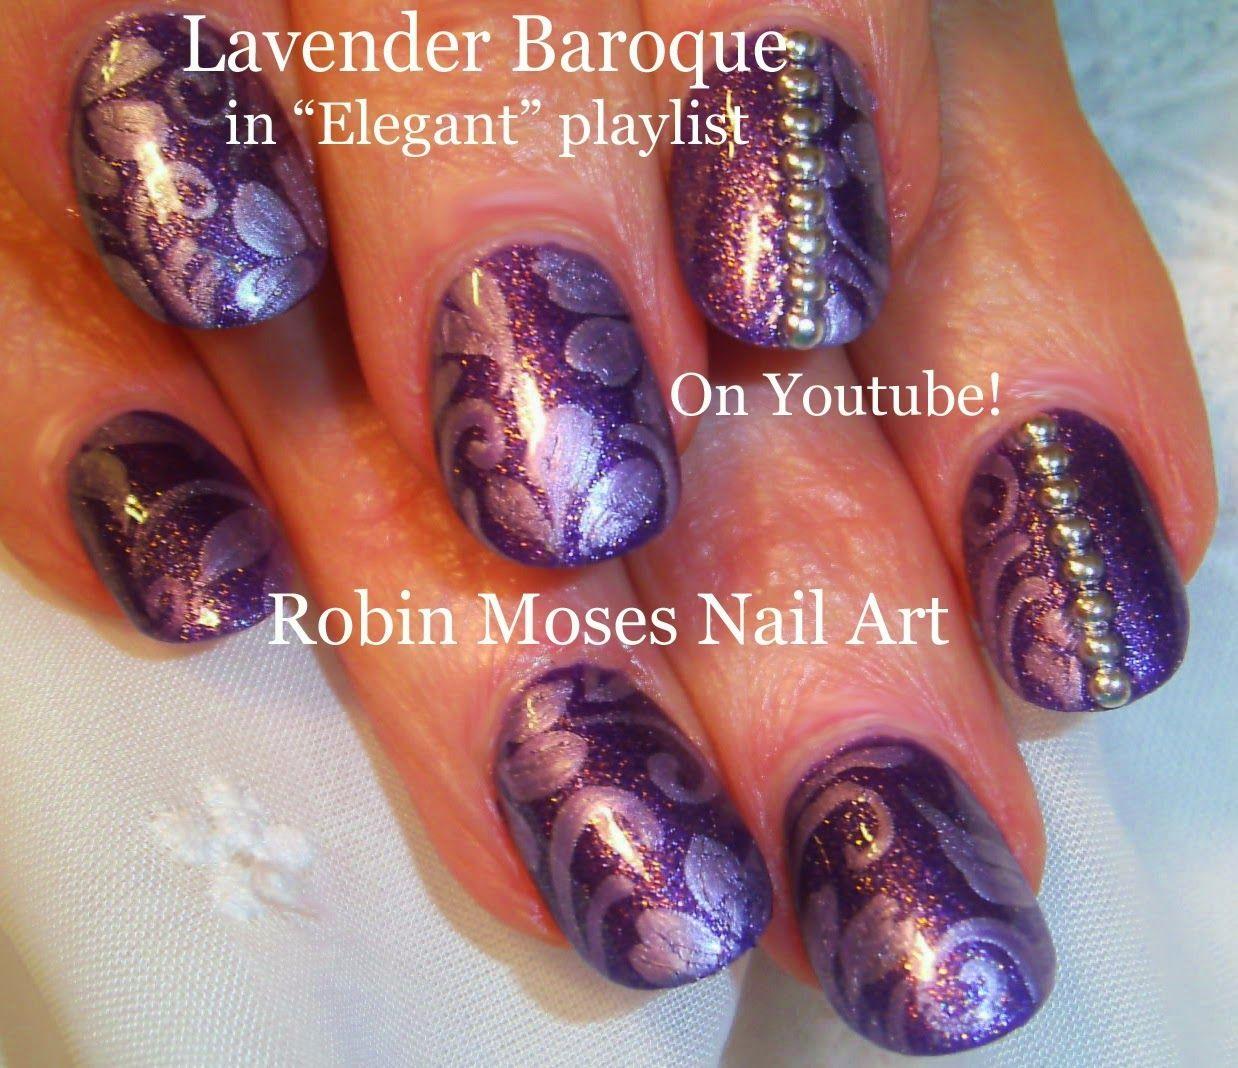 Fall Nails Fall Nail Art Baroque Nails Damask Nails Lavender